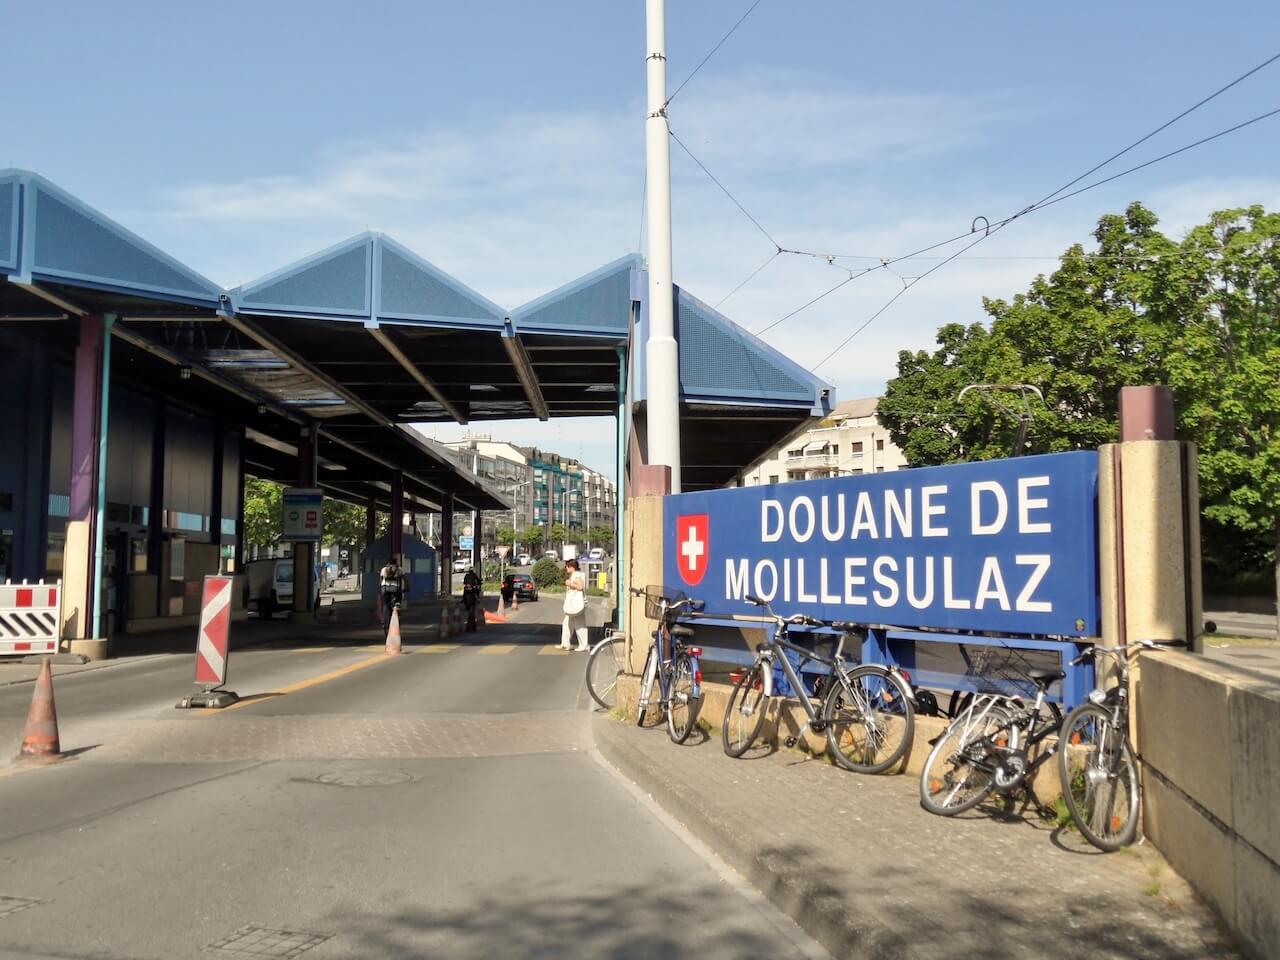 Poste de douane de Moillesulaz à la frontière franco-suisse